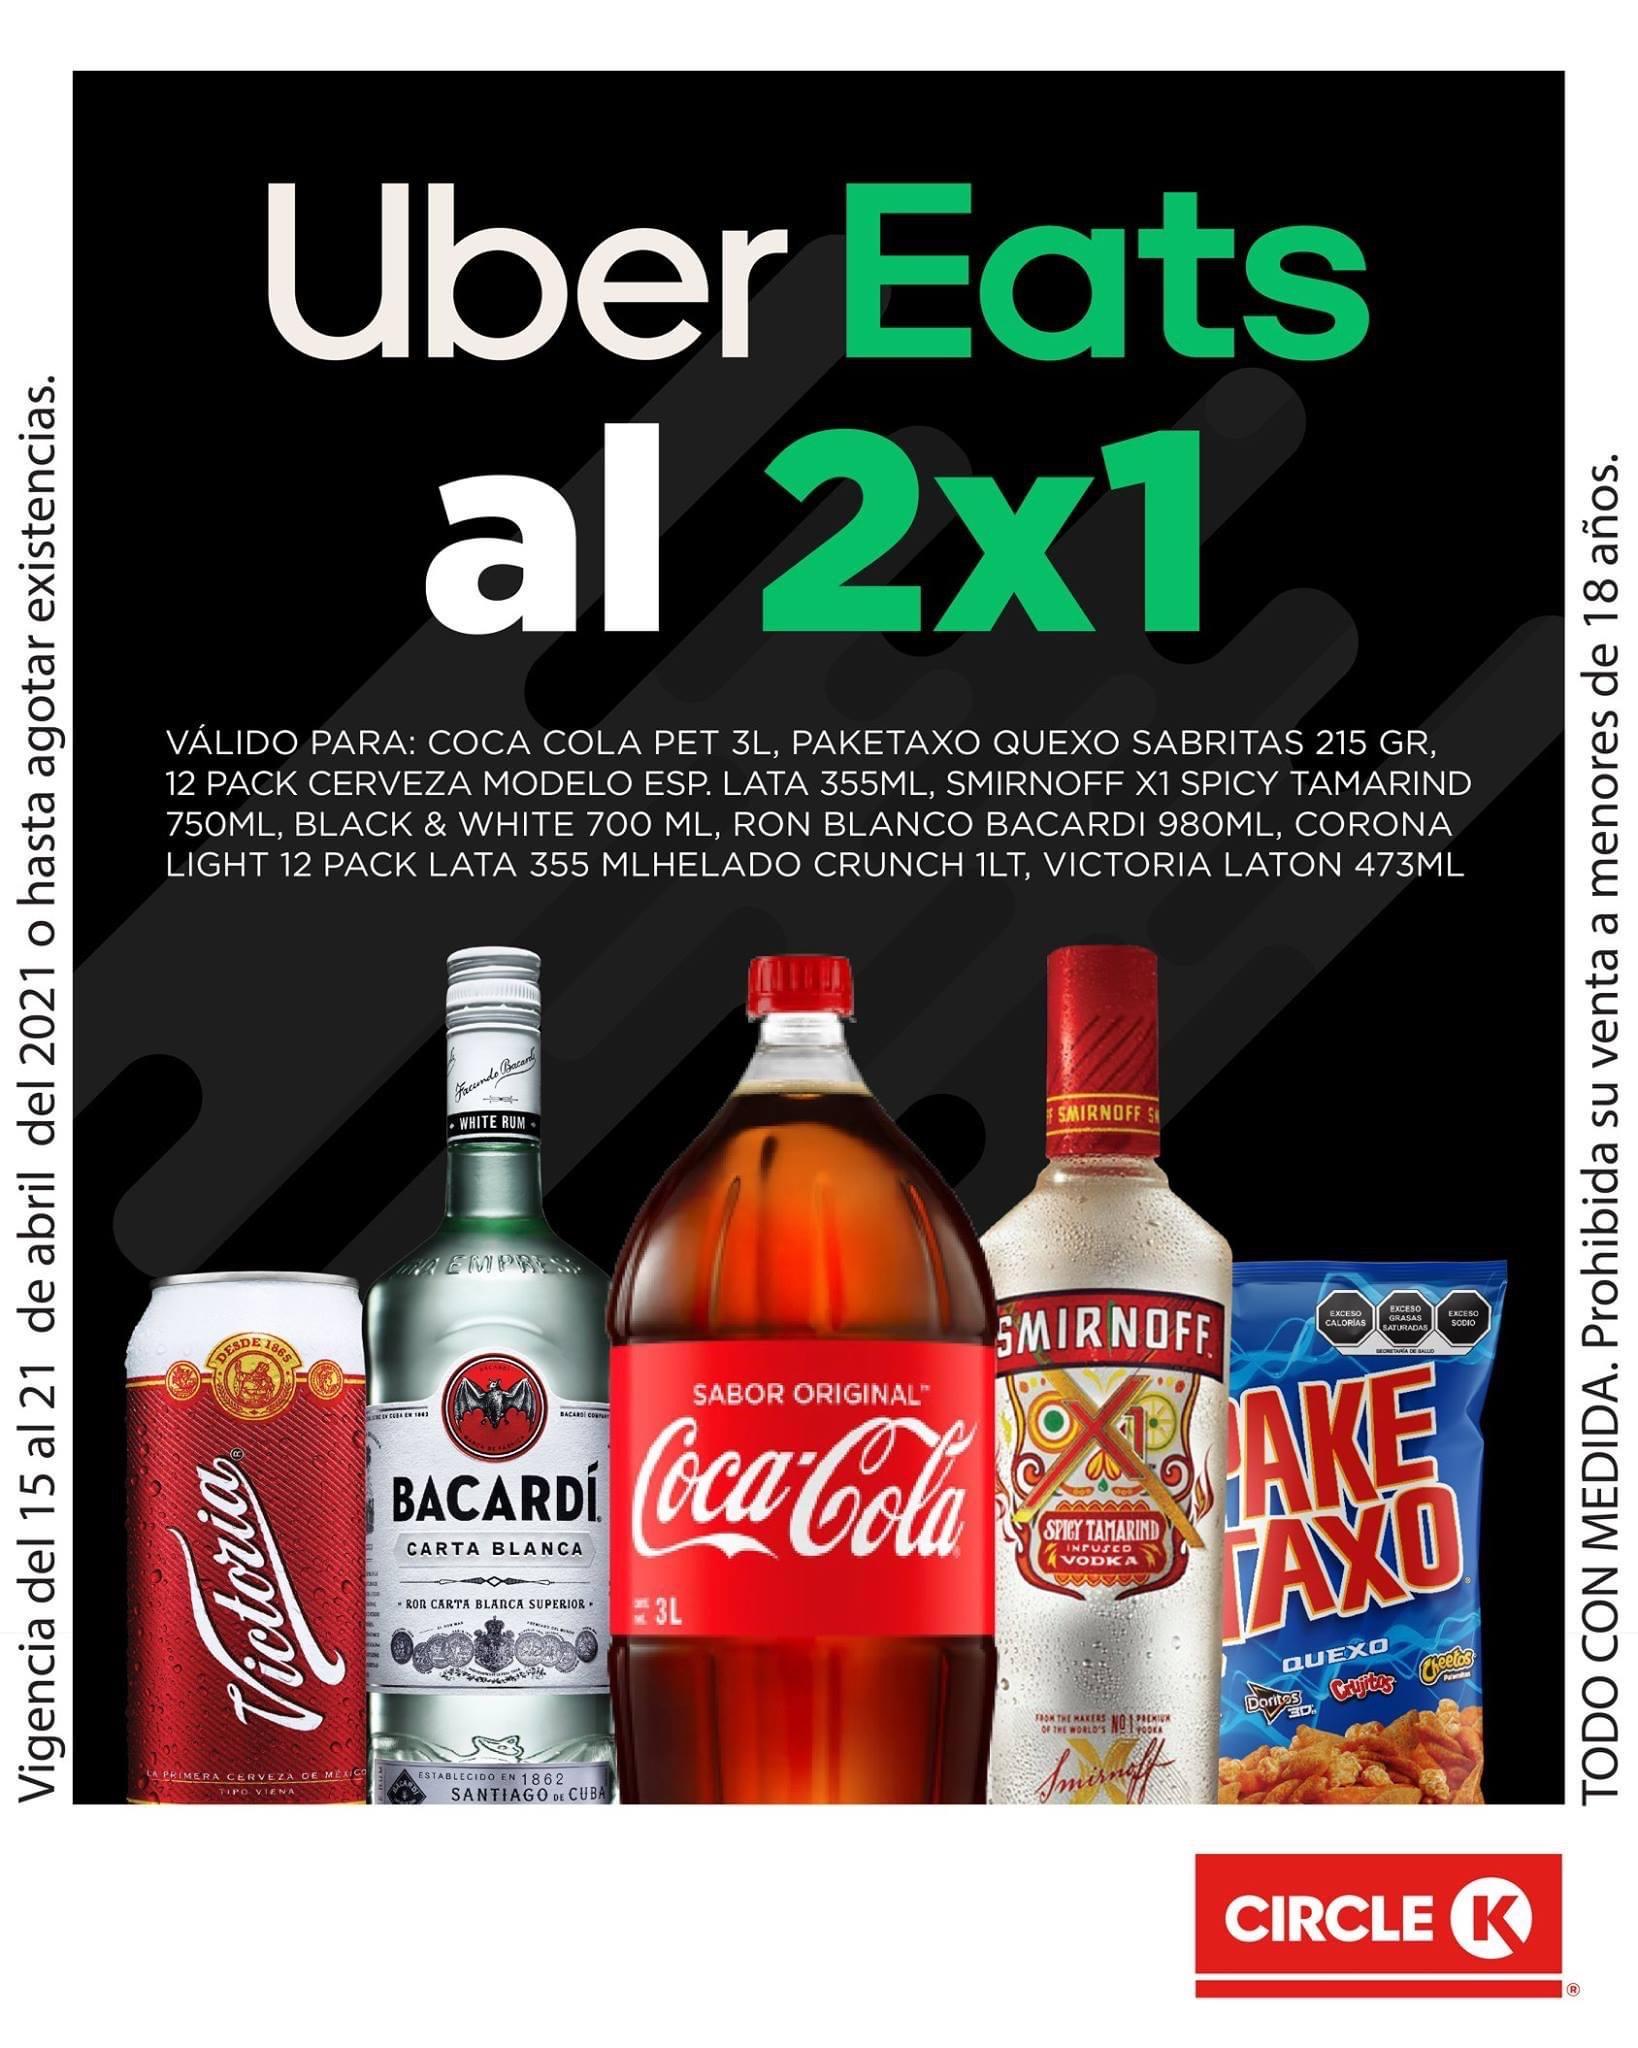 Uber Eats: Promoción de botellas al 2x1